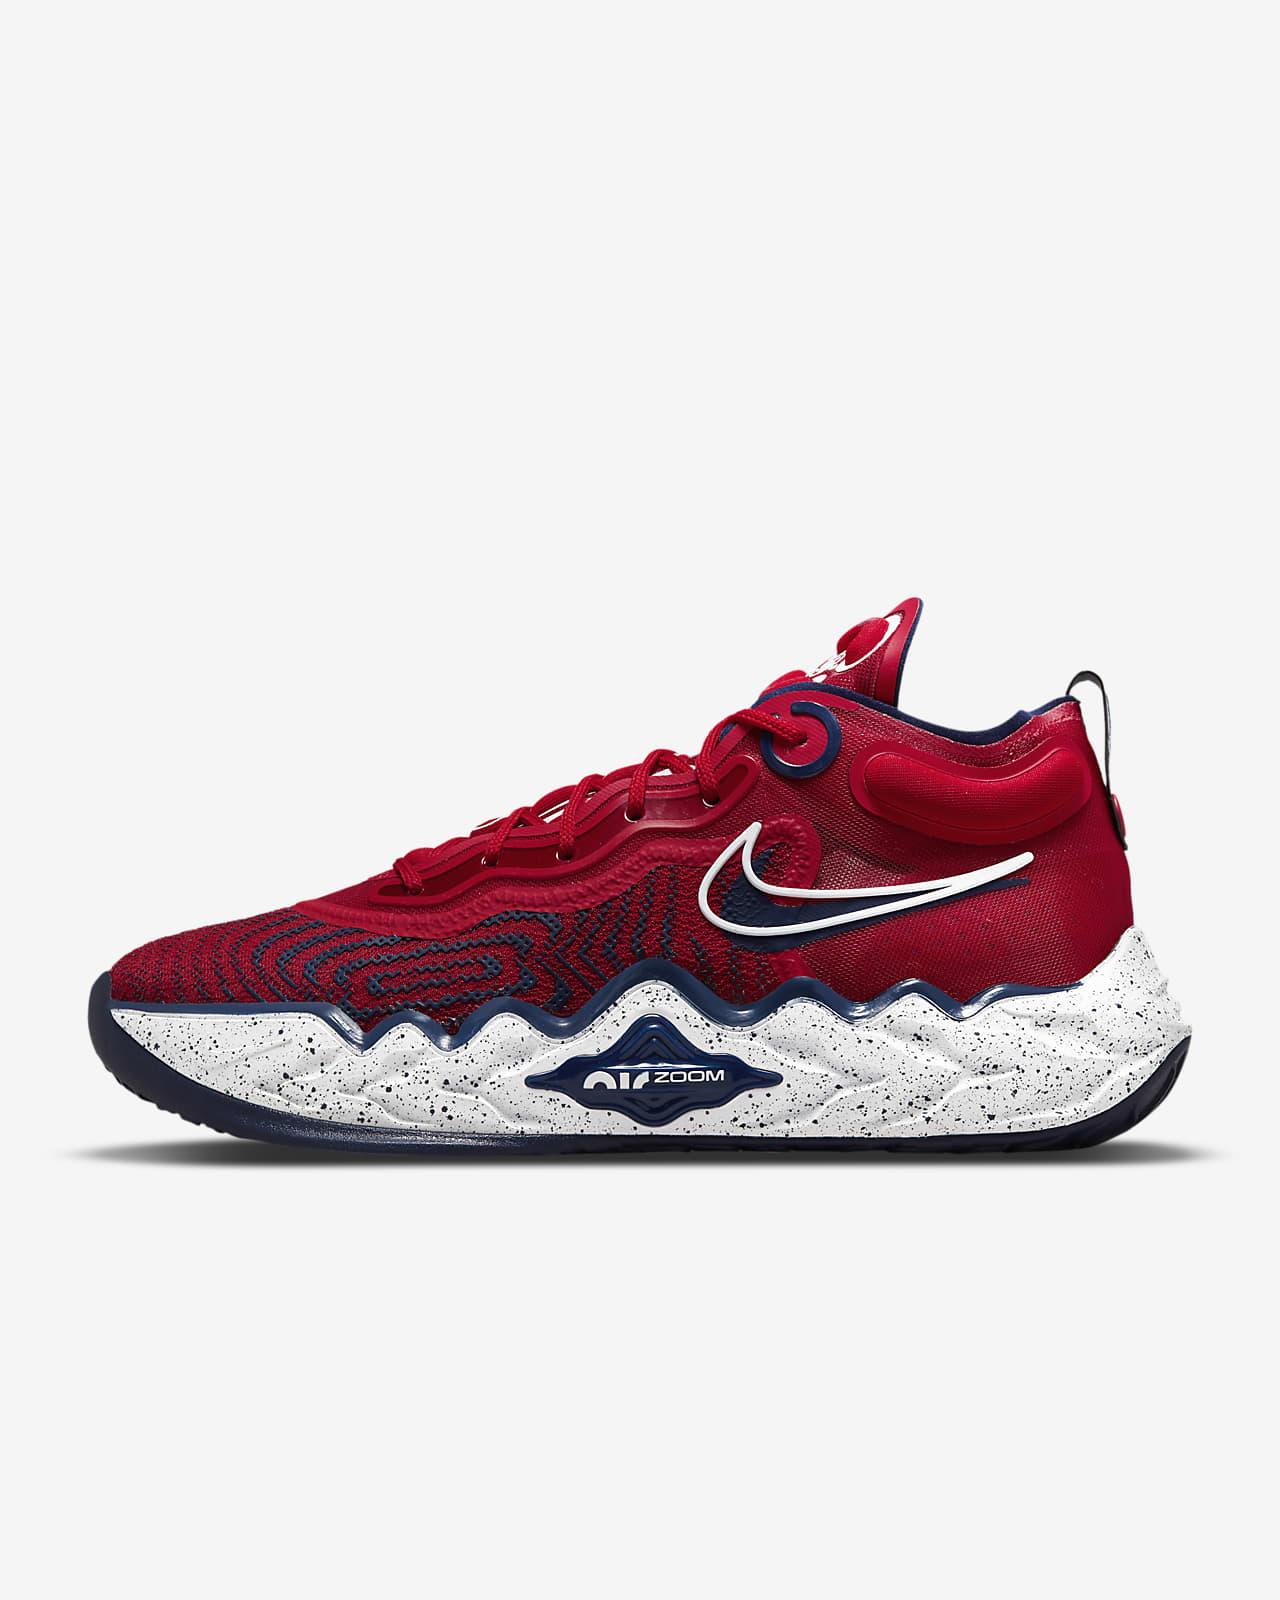 Nike Air Zoom G.T. Run Basketball Shoes